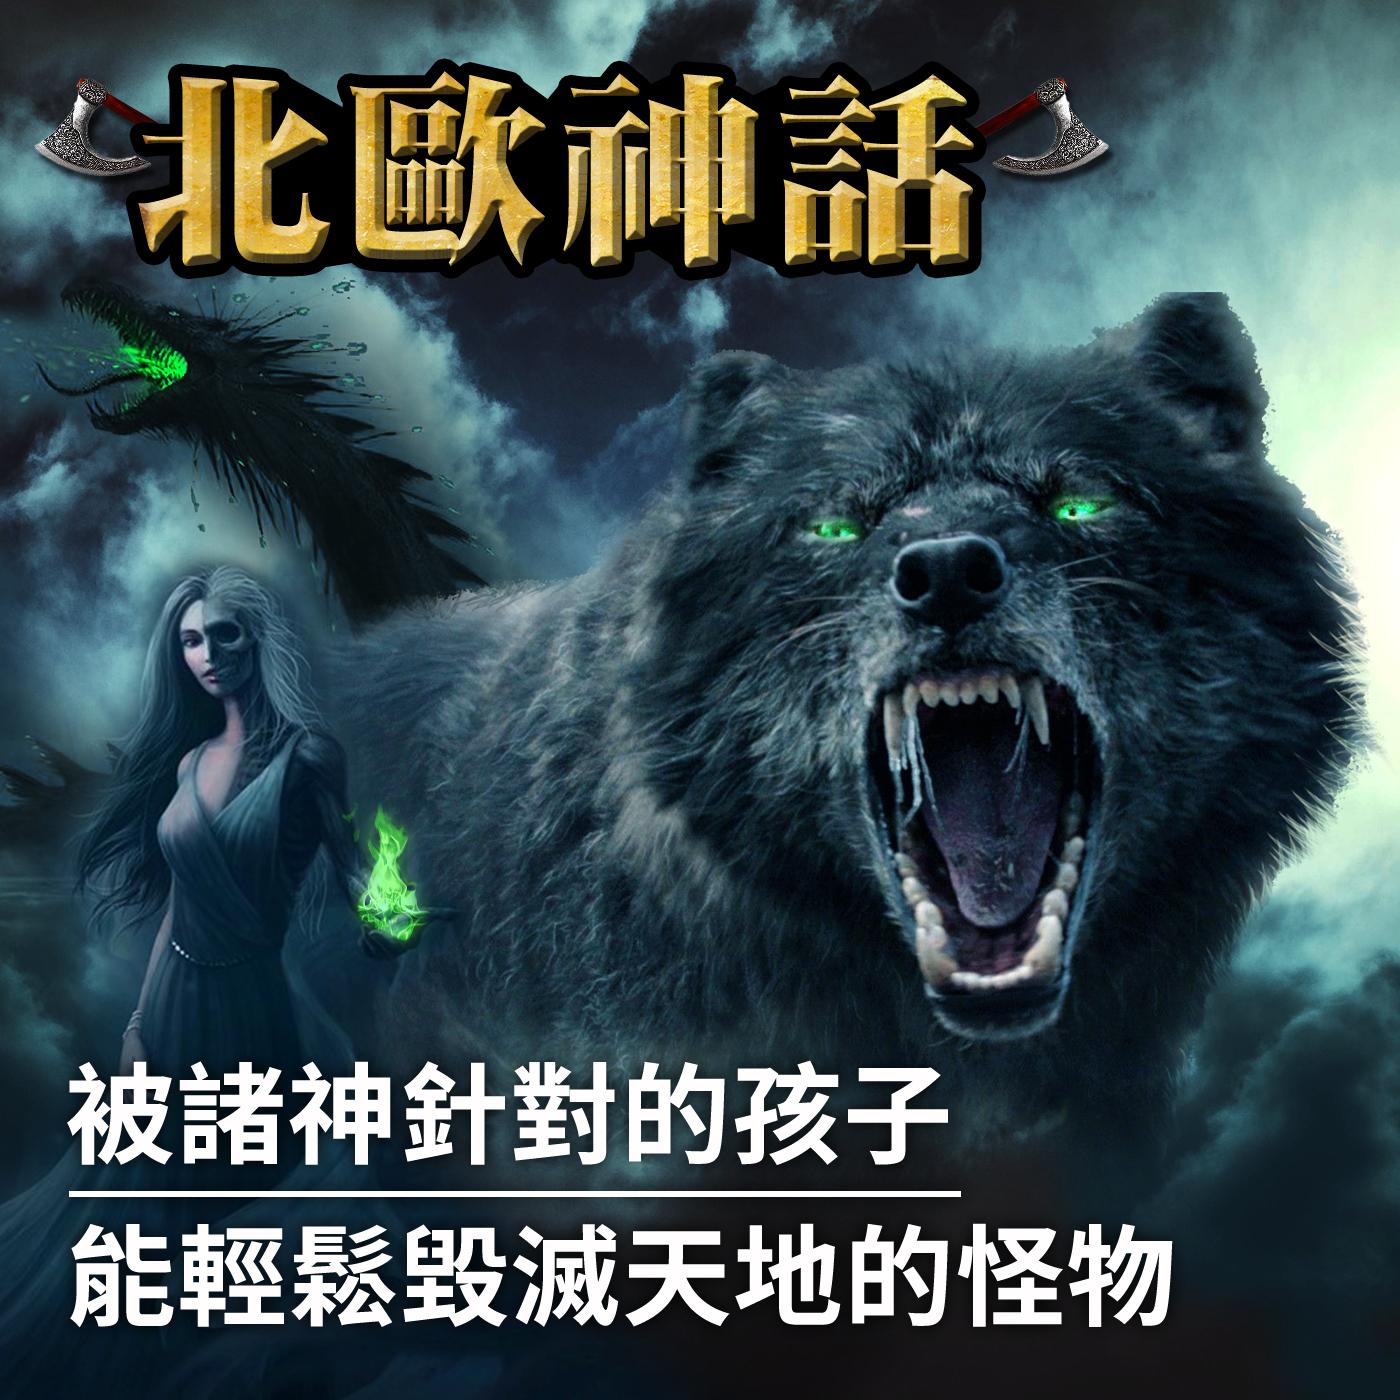 【北歐神話】芬里爾狼、魔蛇耶夢加得、冥界女王赫爾|洛奇的三個孩子